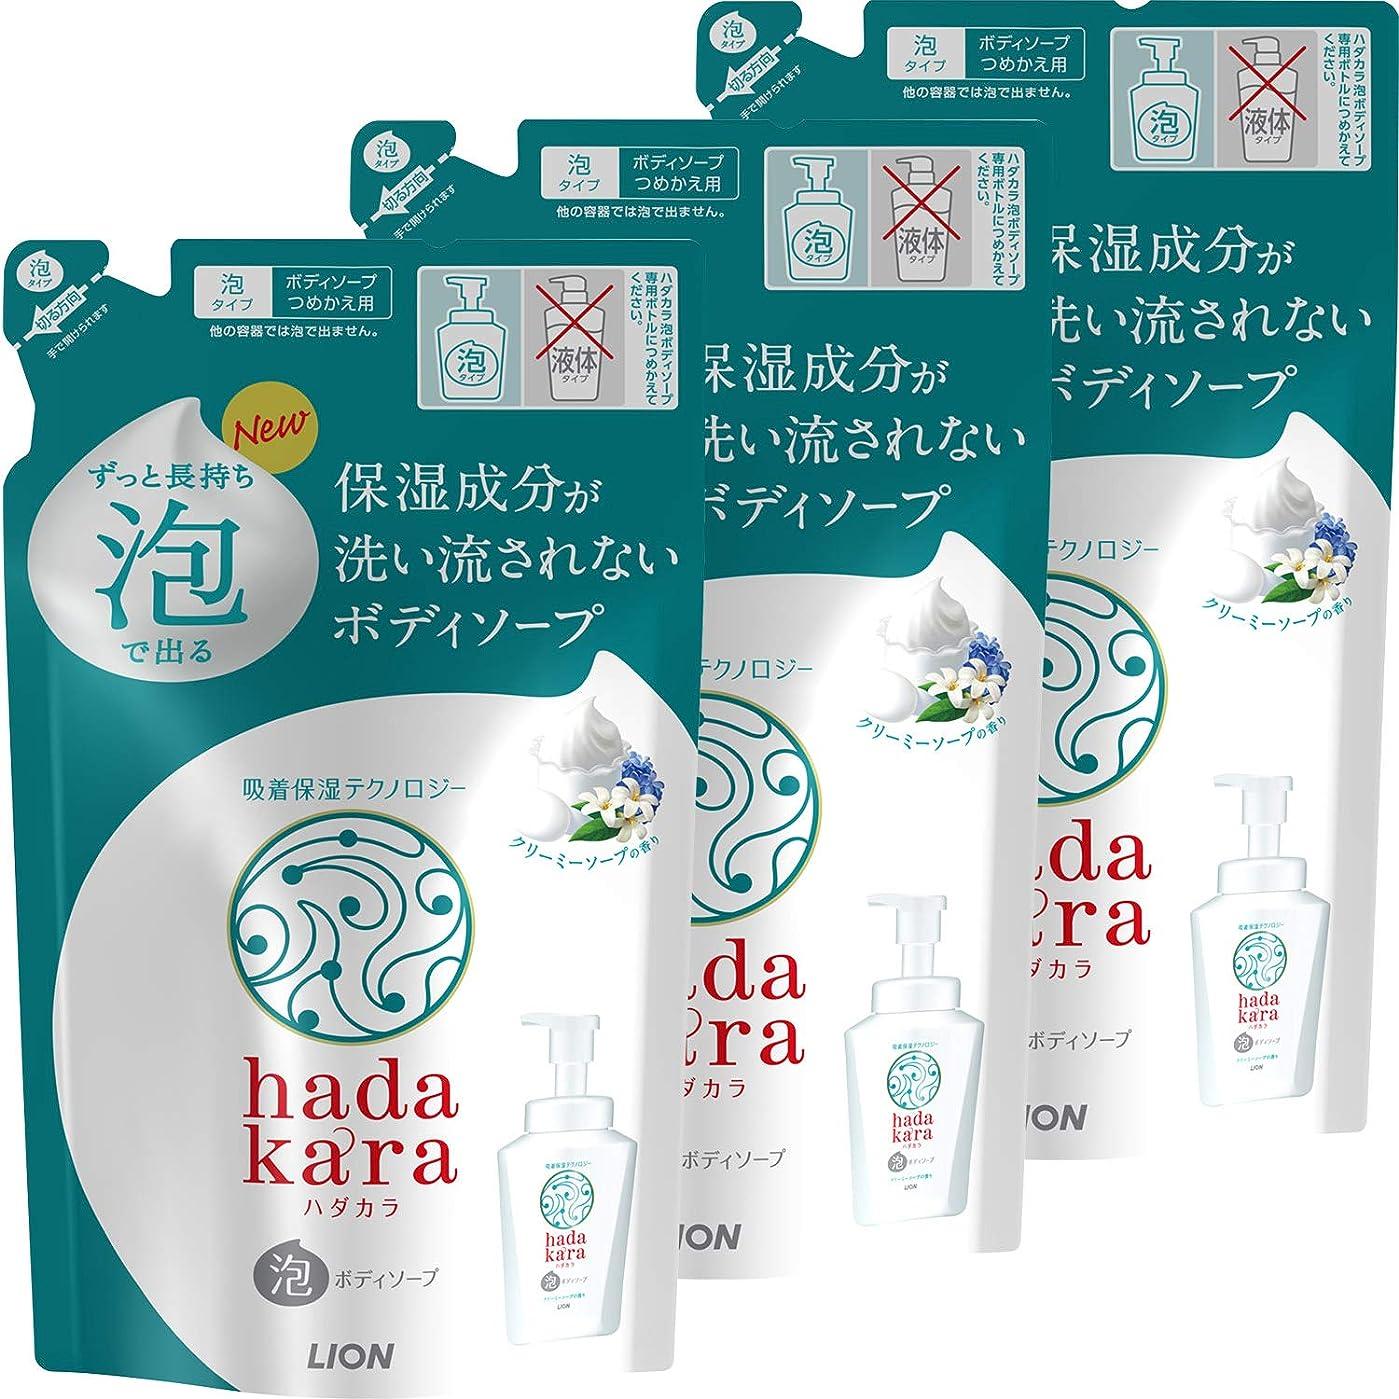 バウンス修正する役割hadakara(ハダカラ) ボディソープ 泡タイプ クリーミーソープの香り 詰替440ml×3個